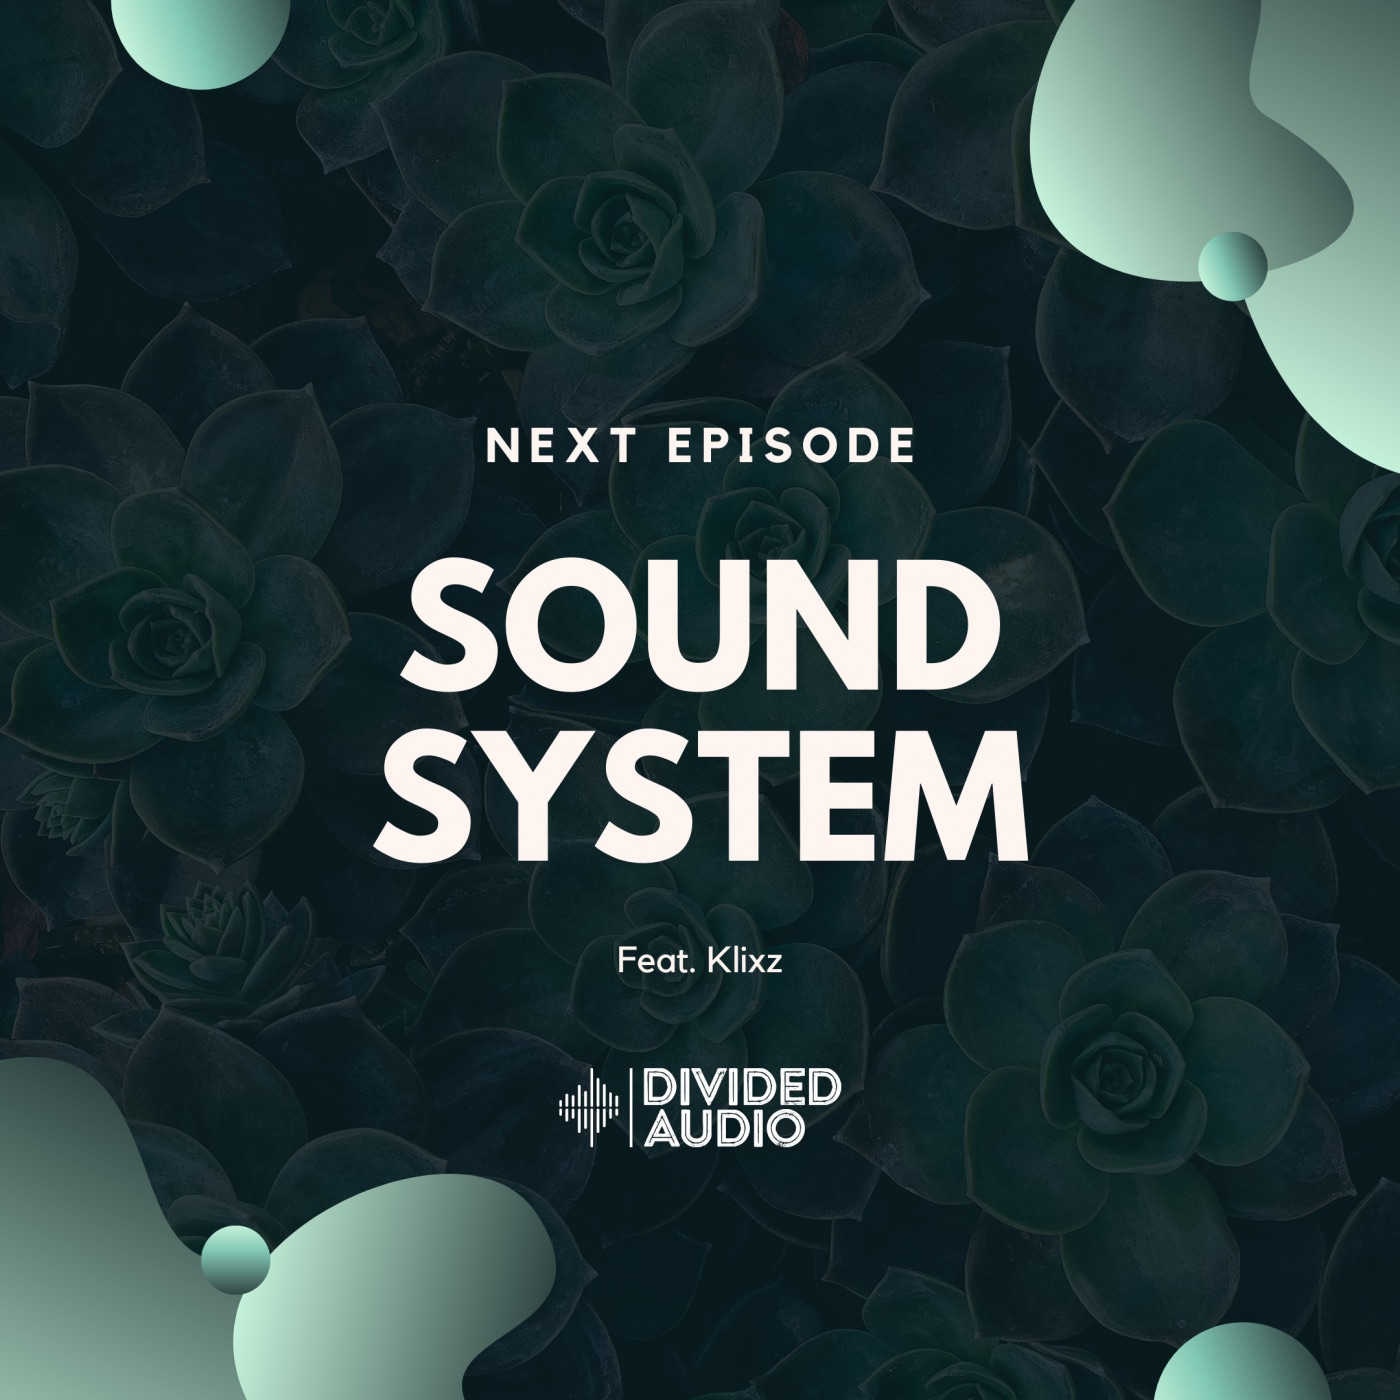 Sound System (feat. Klixz) - Single